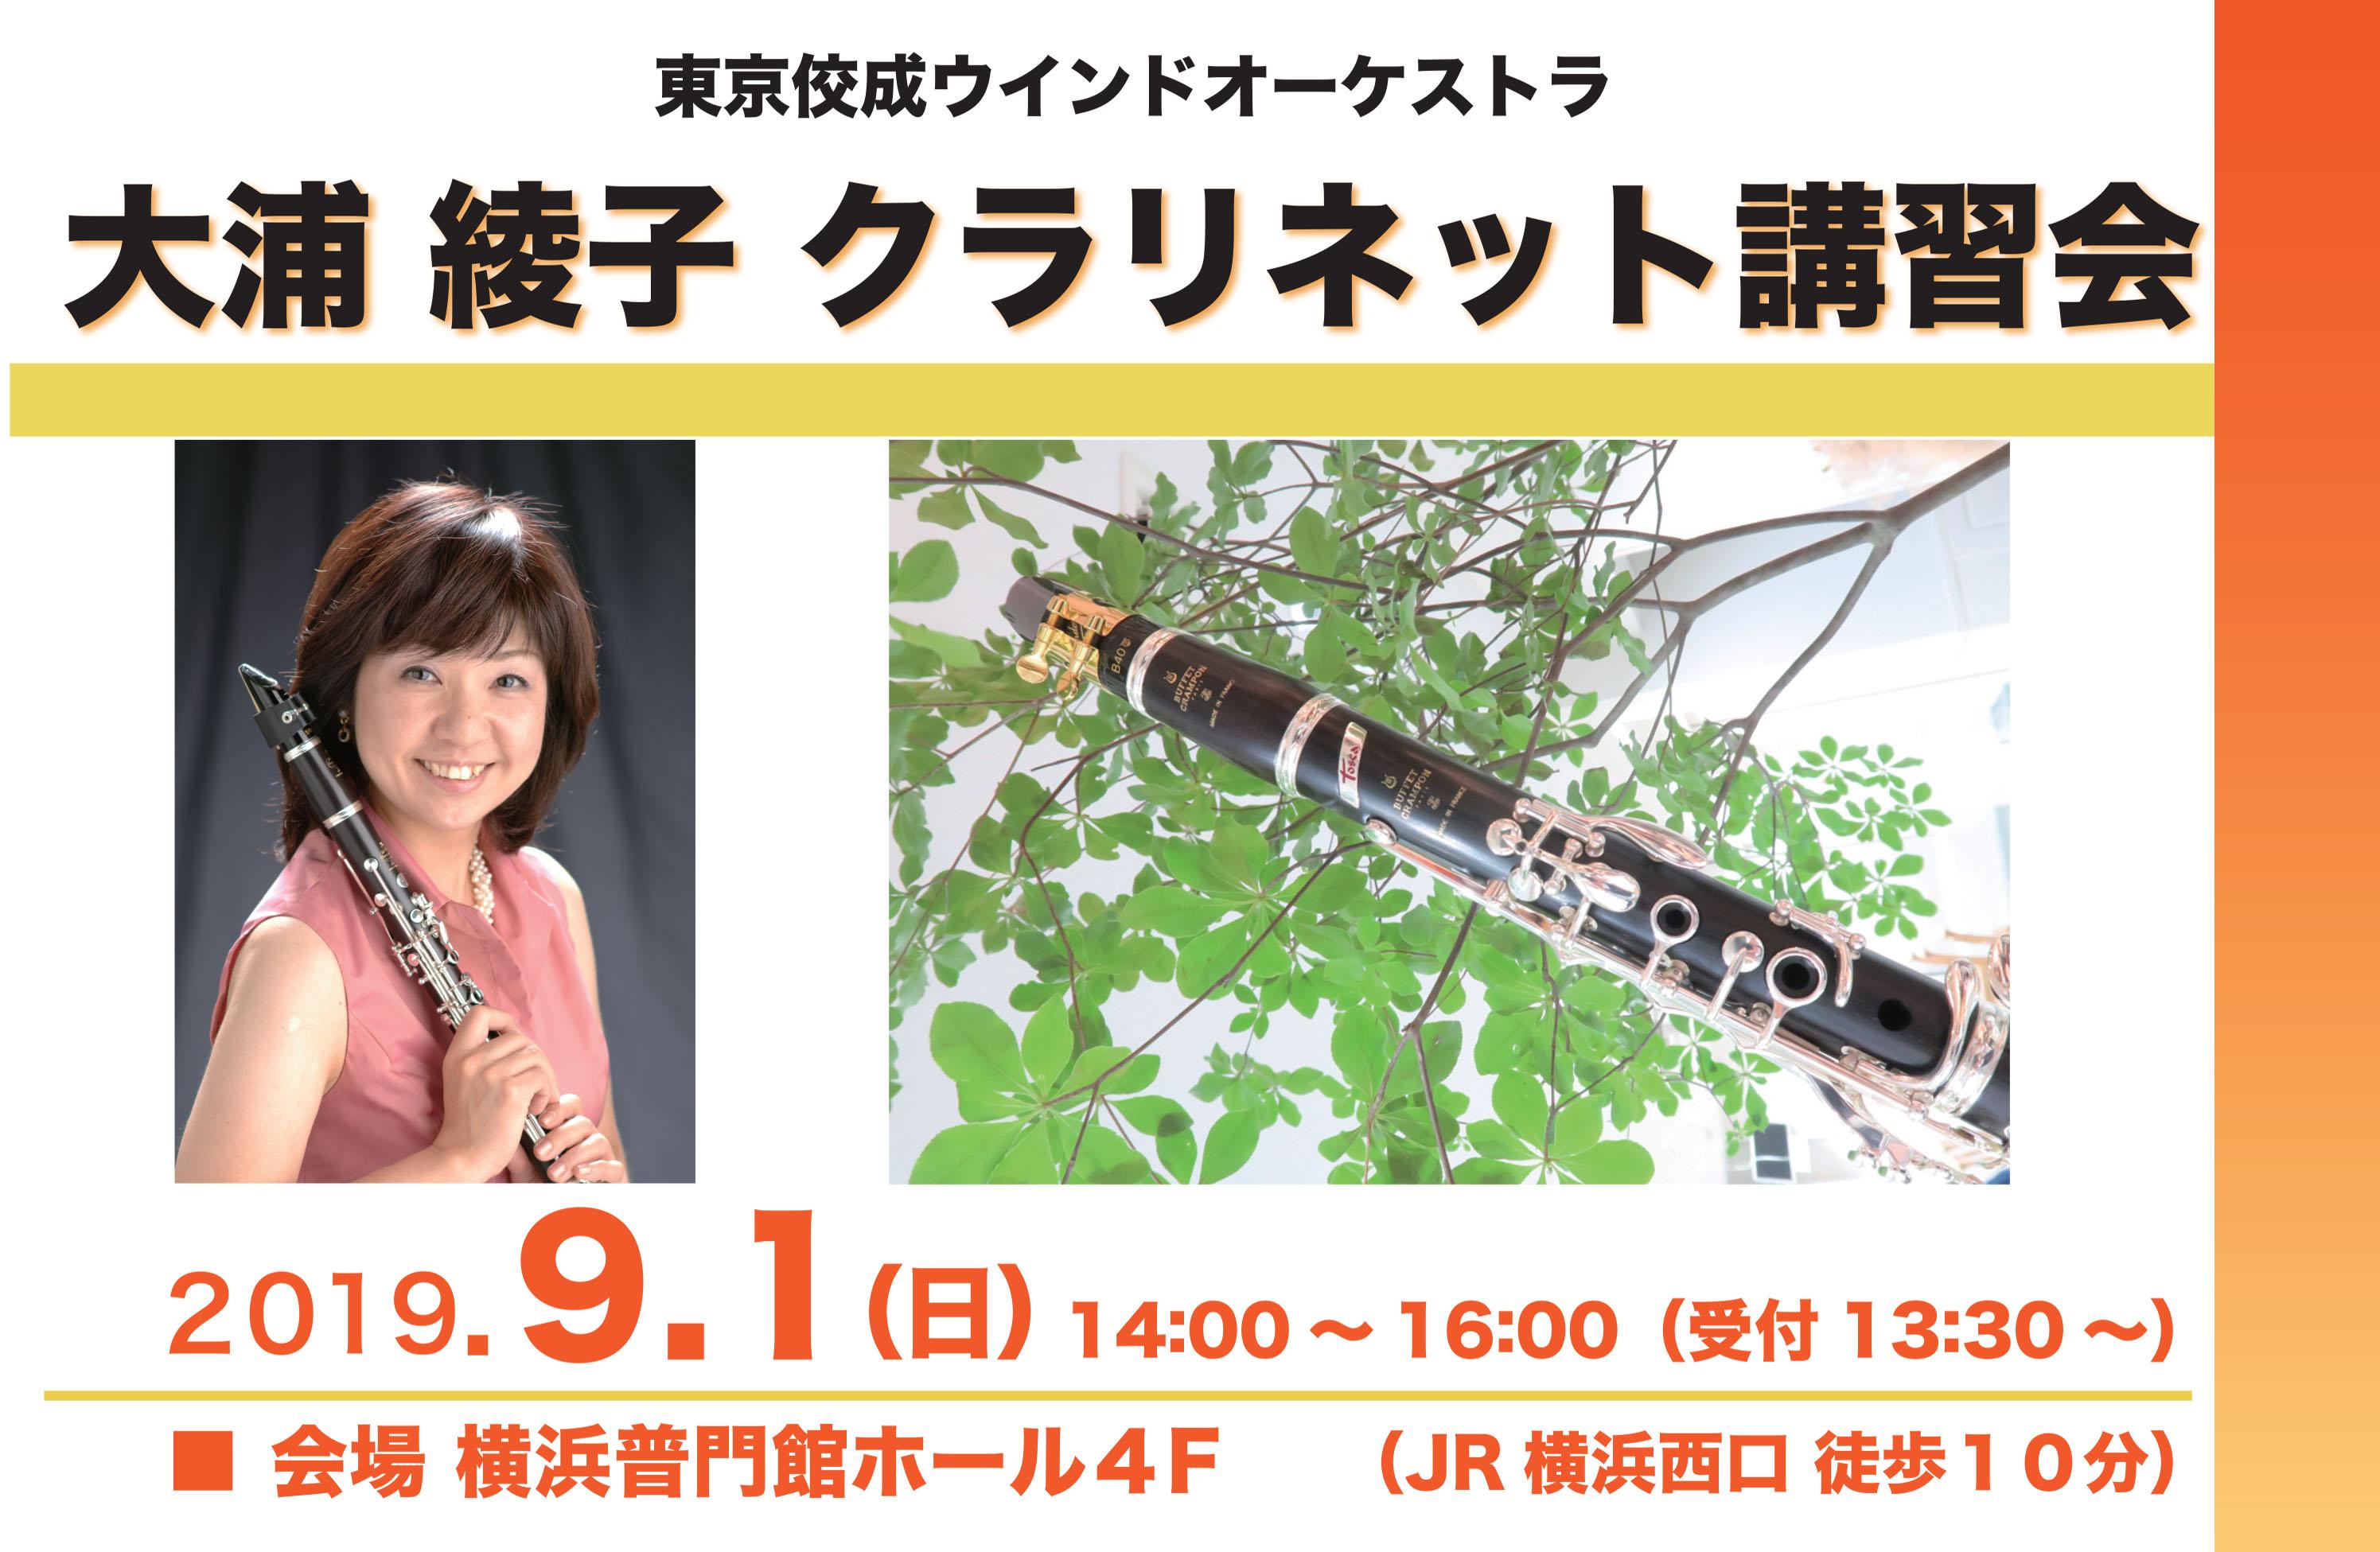 9/1(日) 大浦綾子先生 クラリネット講習会